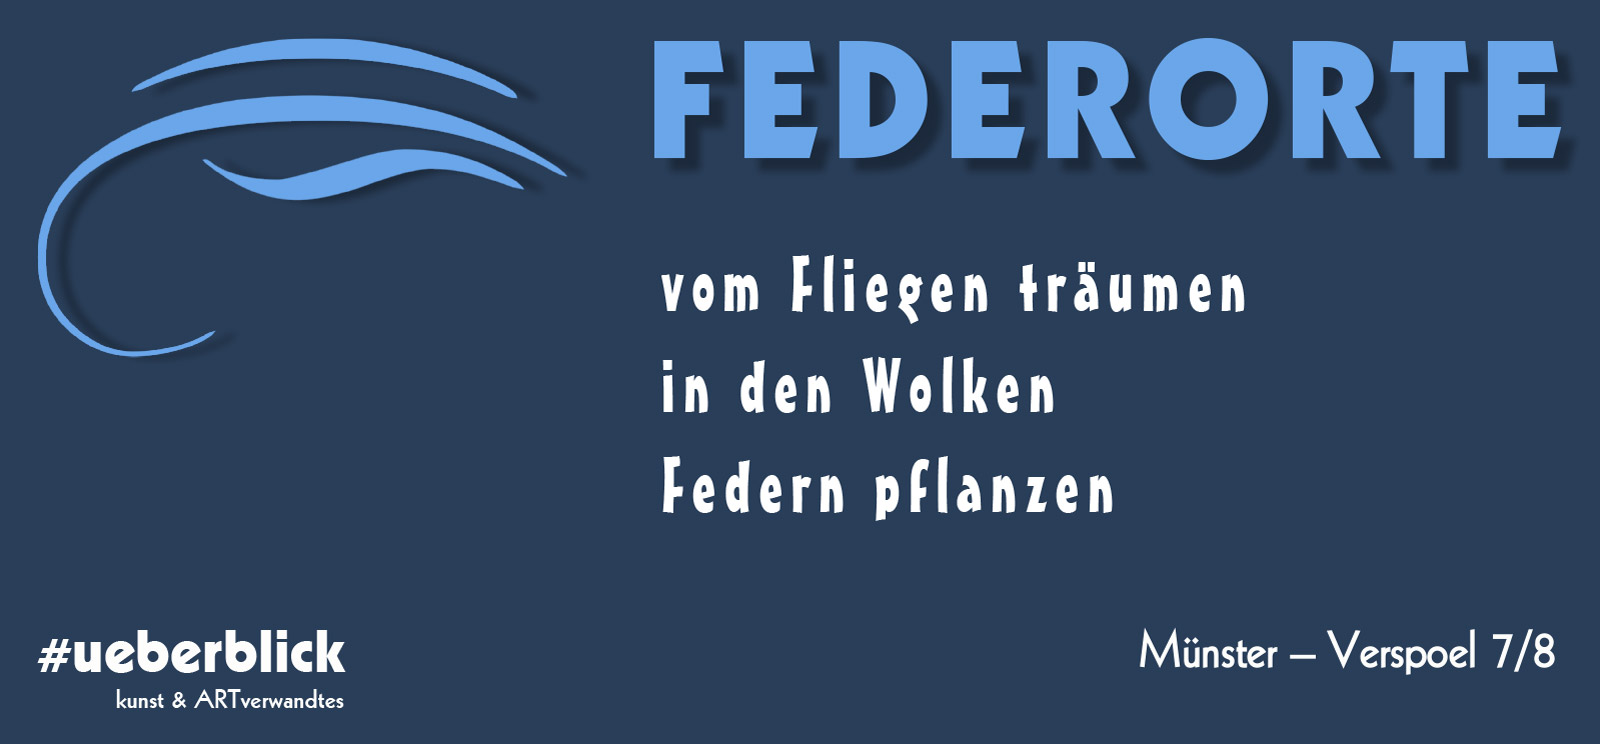 FEDERORTE-Banner